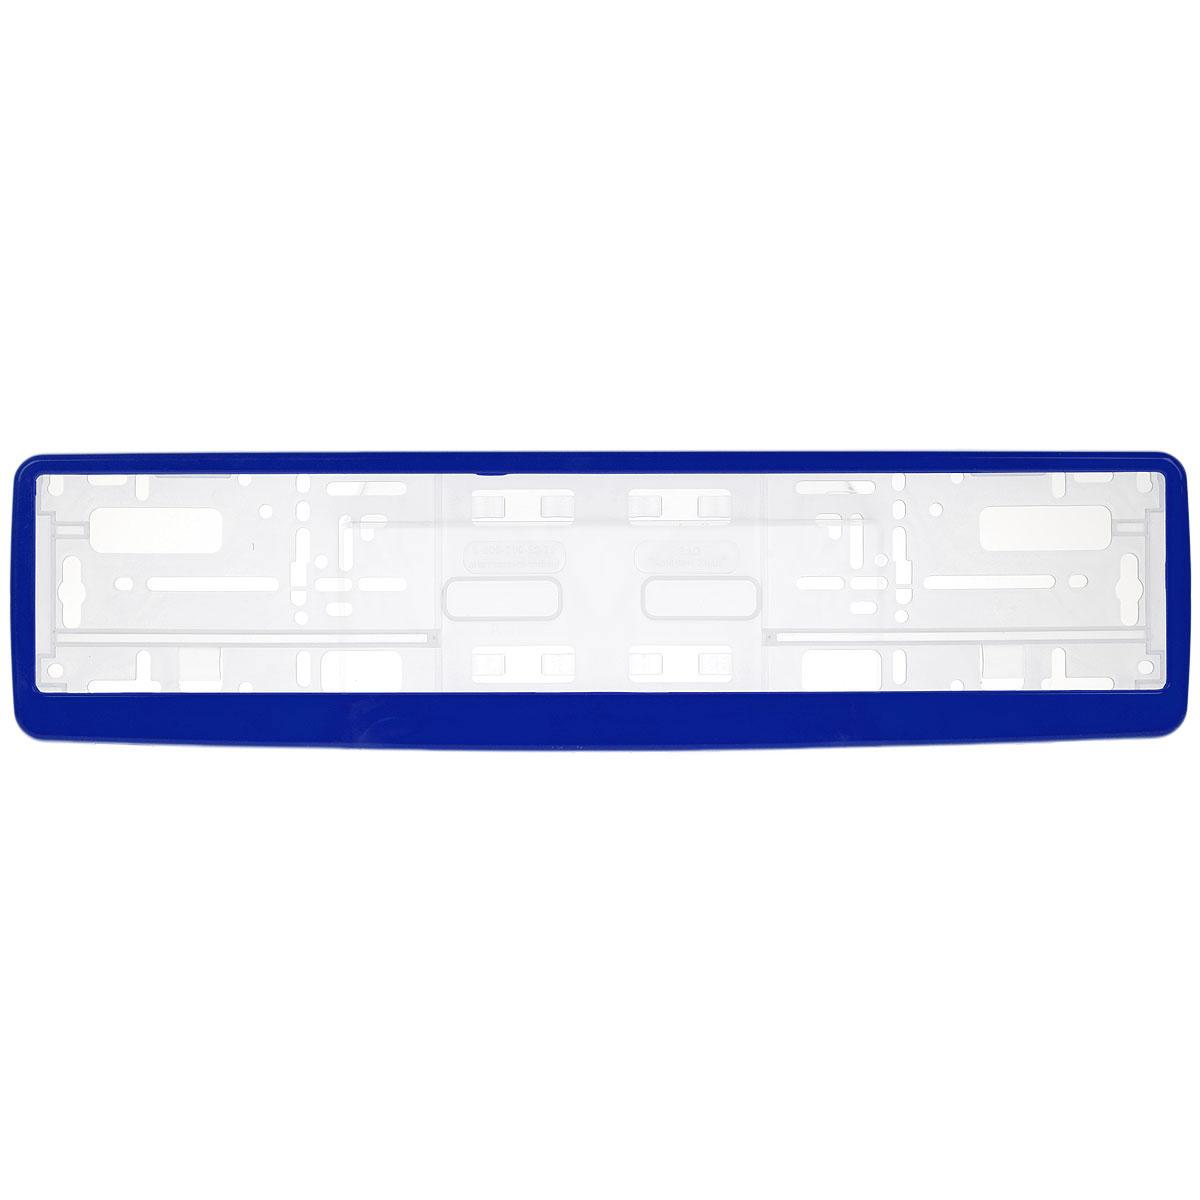 Рамка под номер Концерн Знак, цвет: синийЗ0000012307Рамка Концерн Знак не только закрепит регистрационный знак на вашем автомобиле, но и красиво его оформит. Основание рамки выполнено из полипропилена, материал лицевой панели - пластик. Она предназначена для крепления регистрационного знака российского и европейского образца. Устанавливается на все типы автомобилей. Крепления в комплект не входят. Стильный дизайн идеально впишется в экстерьер вашего автомобиля. Размер рамки: 53,5 см х 13,5 см. Размер регистрационного знака: 52,5 см х 11,5 см.